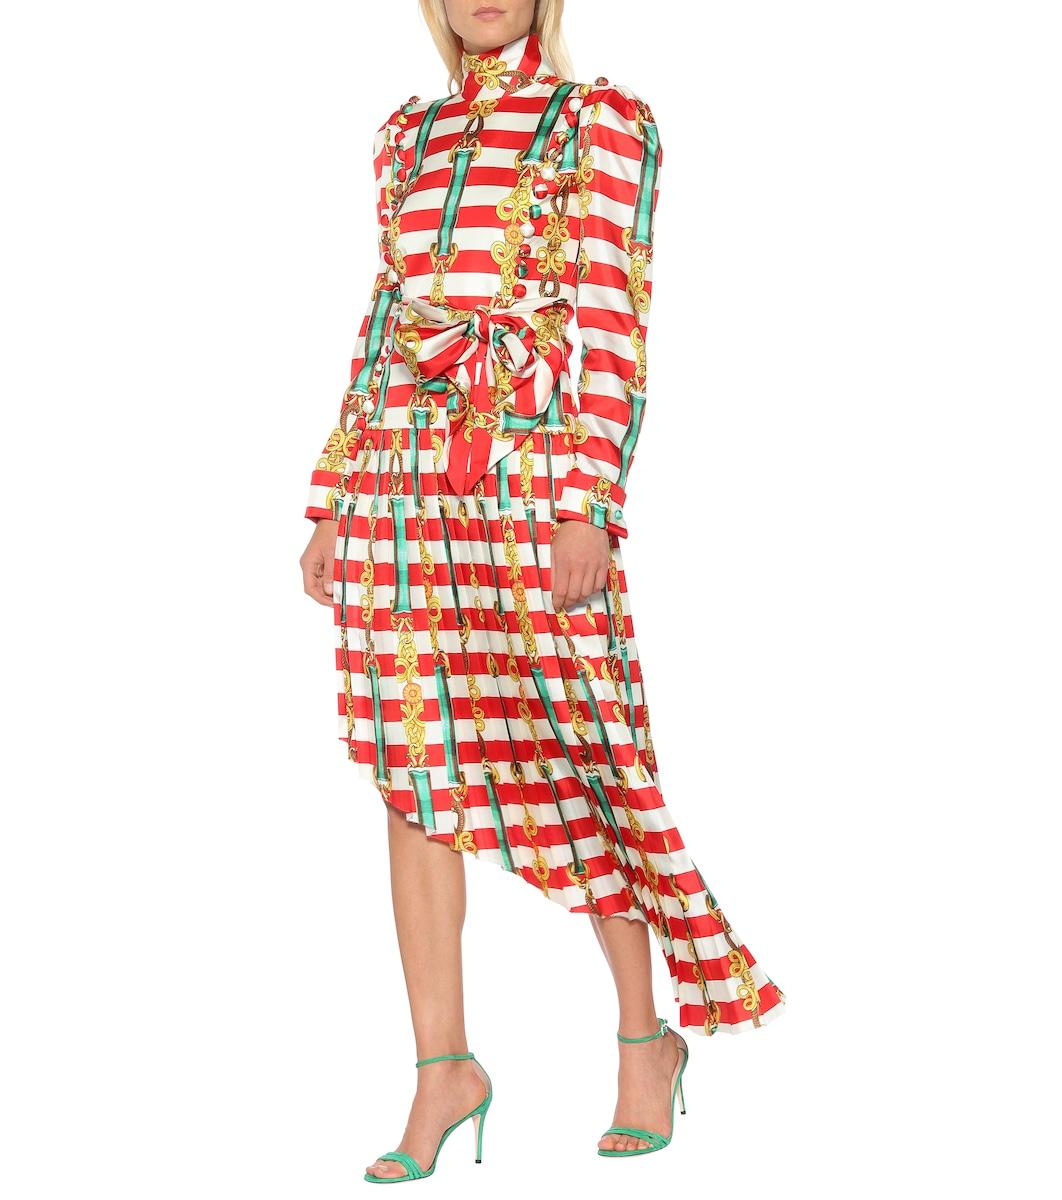 bfaee29586 Vestido De Seda Estampado - Gucci | Mytheresa